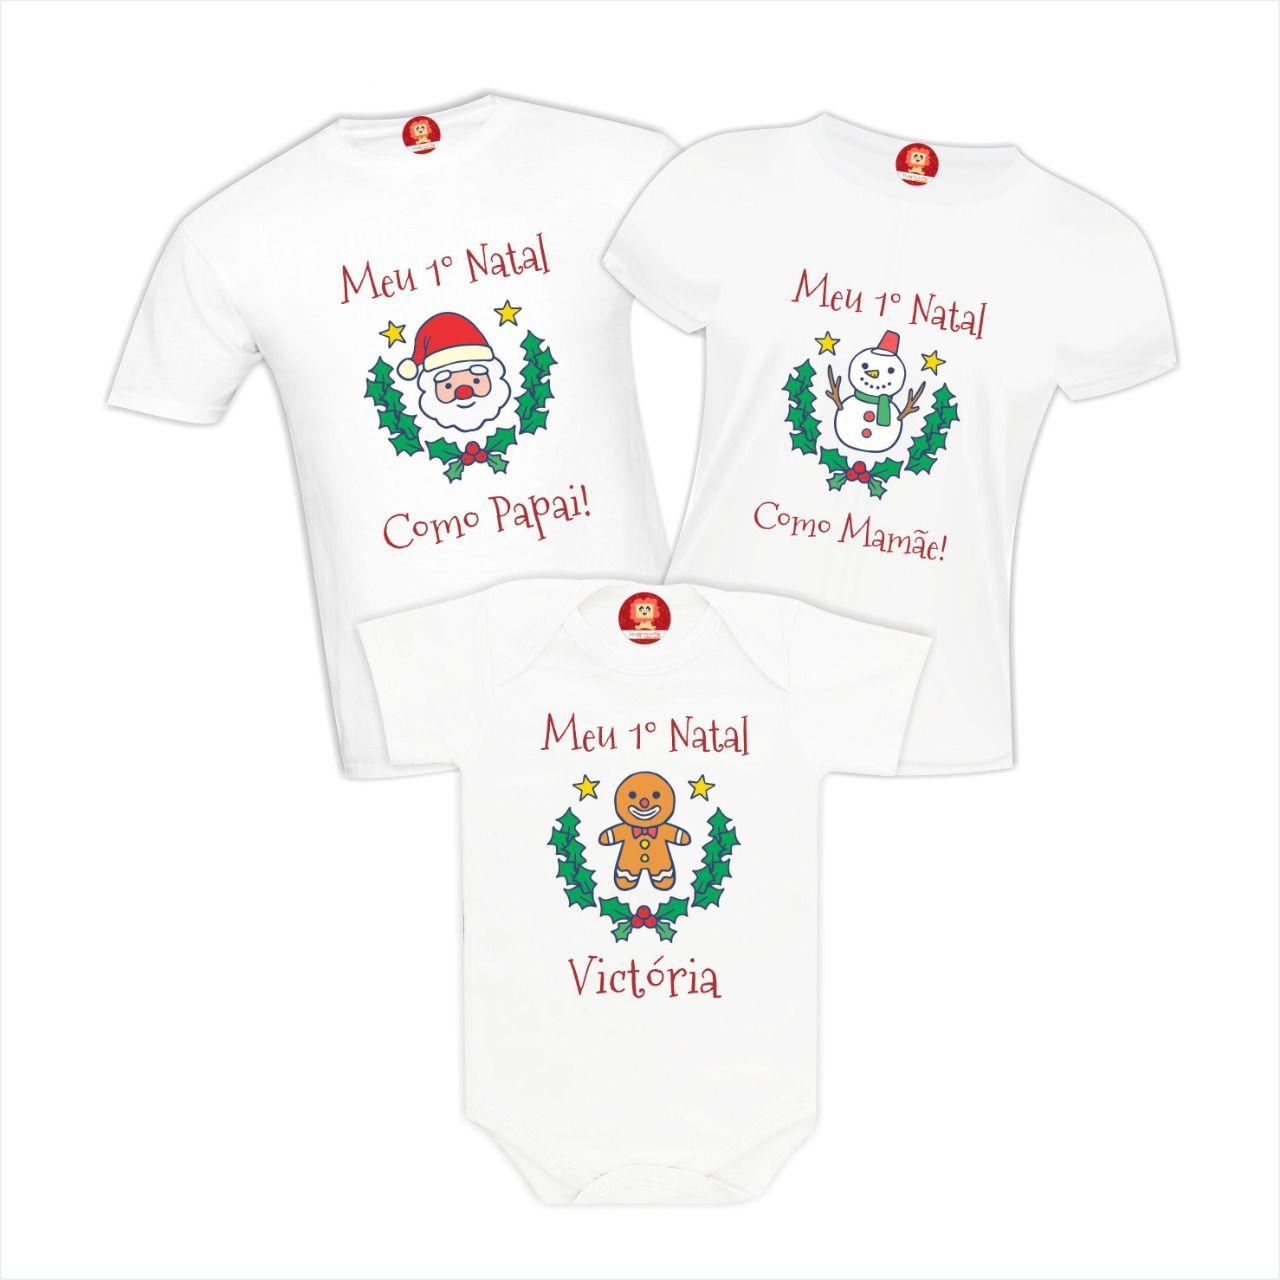 Kit Camisetas para Família de Natal